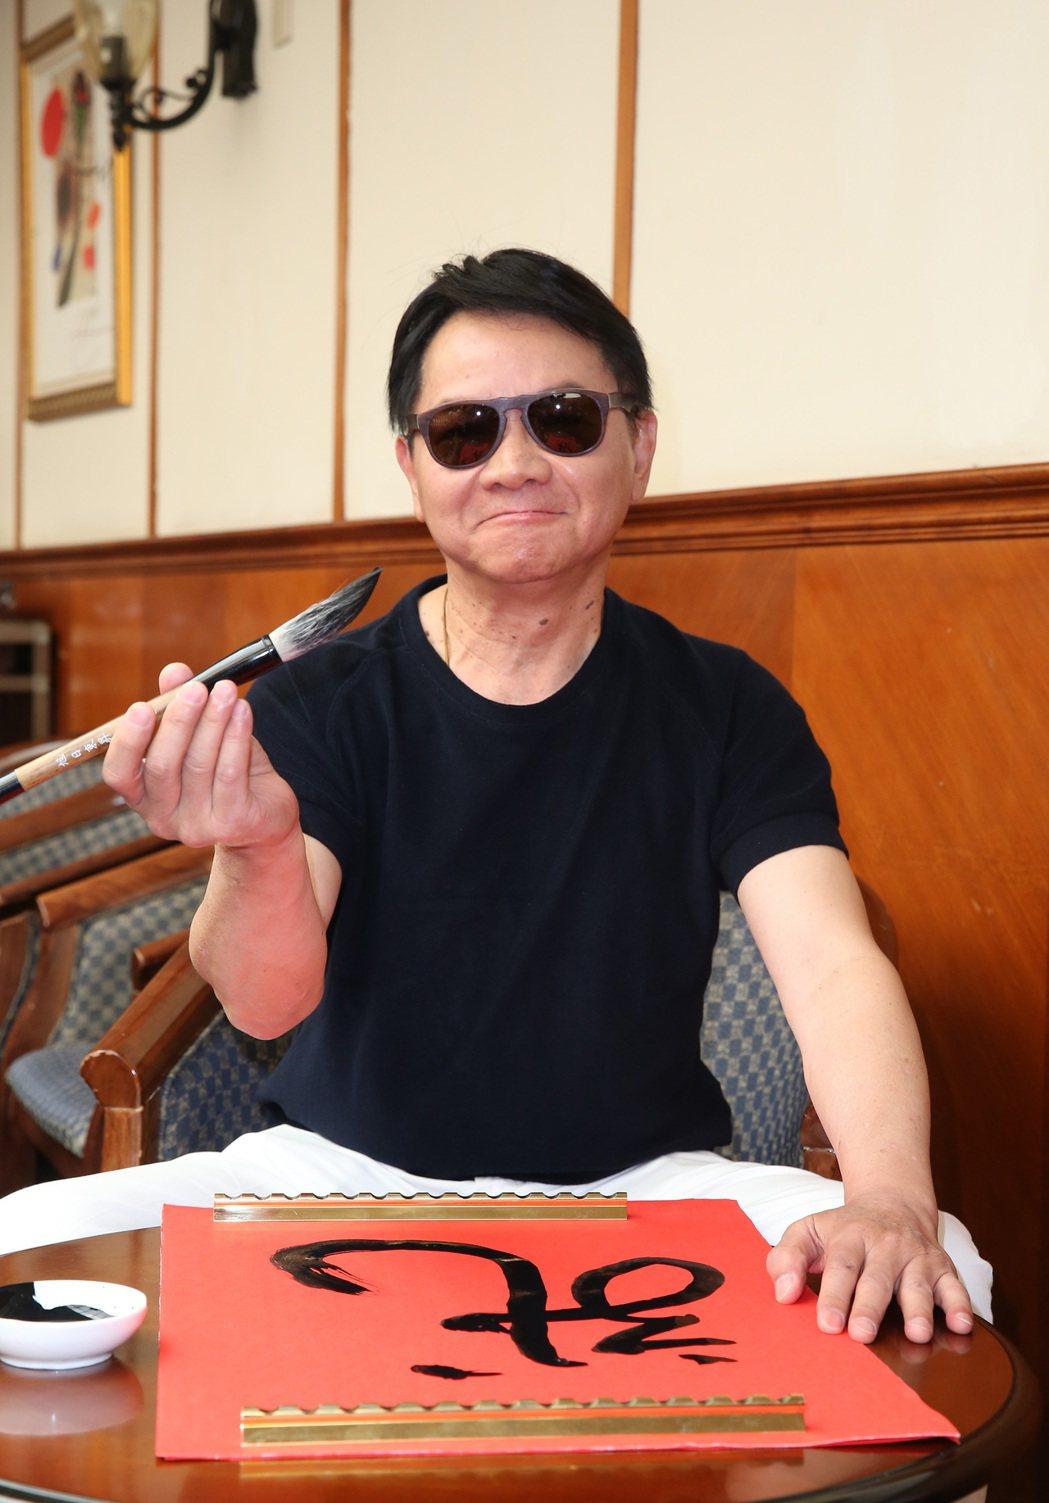 寶島歌王葉啟田下午舉行演唱會加場記者會,並當場揮毫「一條活龍」,澄清罹患失智症危...